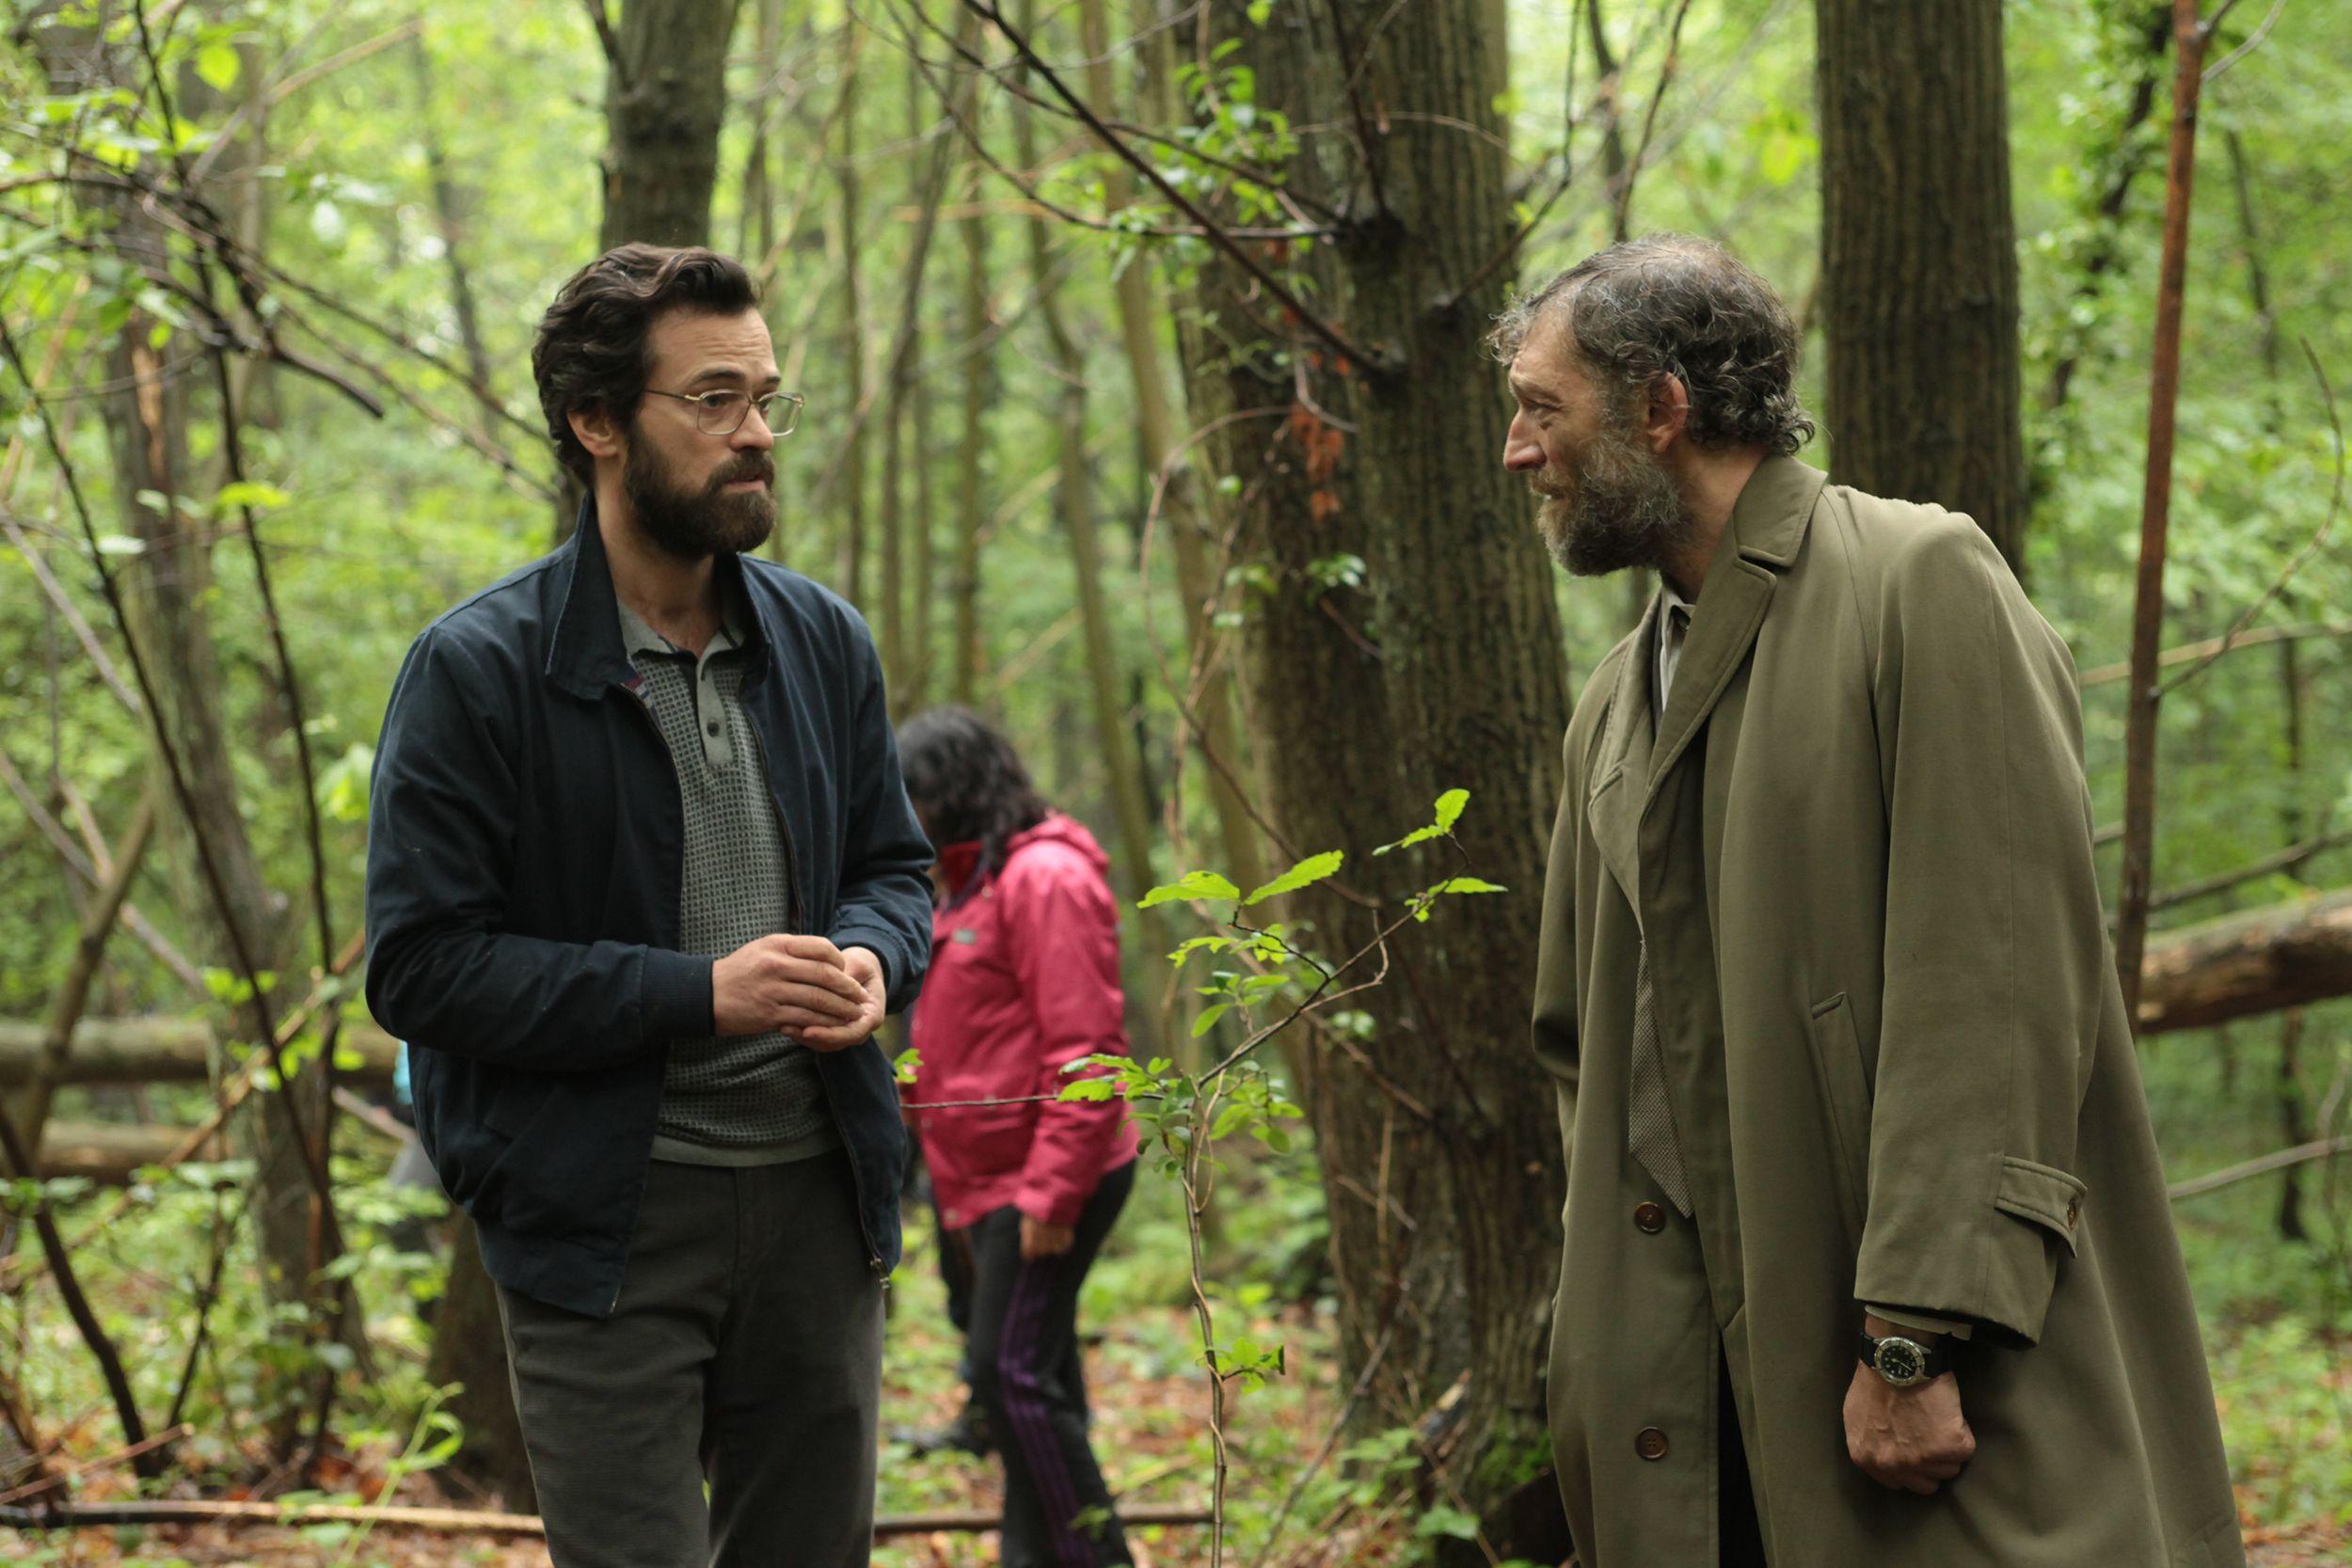 Duris y Cassel en una escena en el bosque de la película Sin dejar huellas